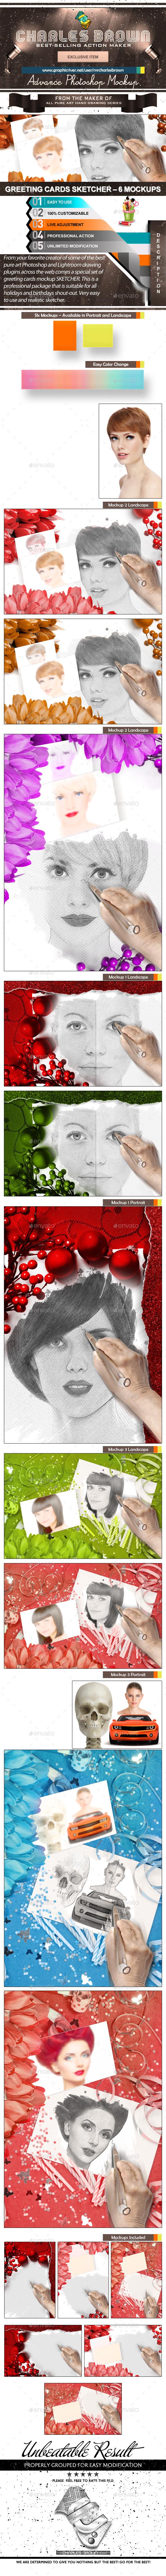 Greeting Cards Sketcher 6 Mockups